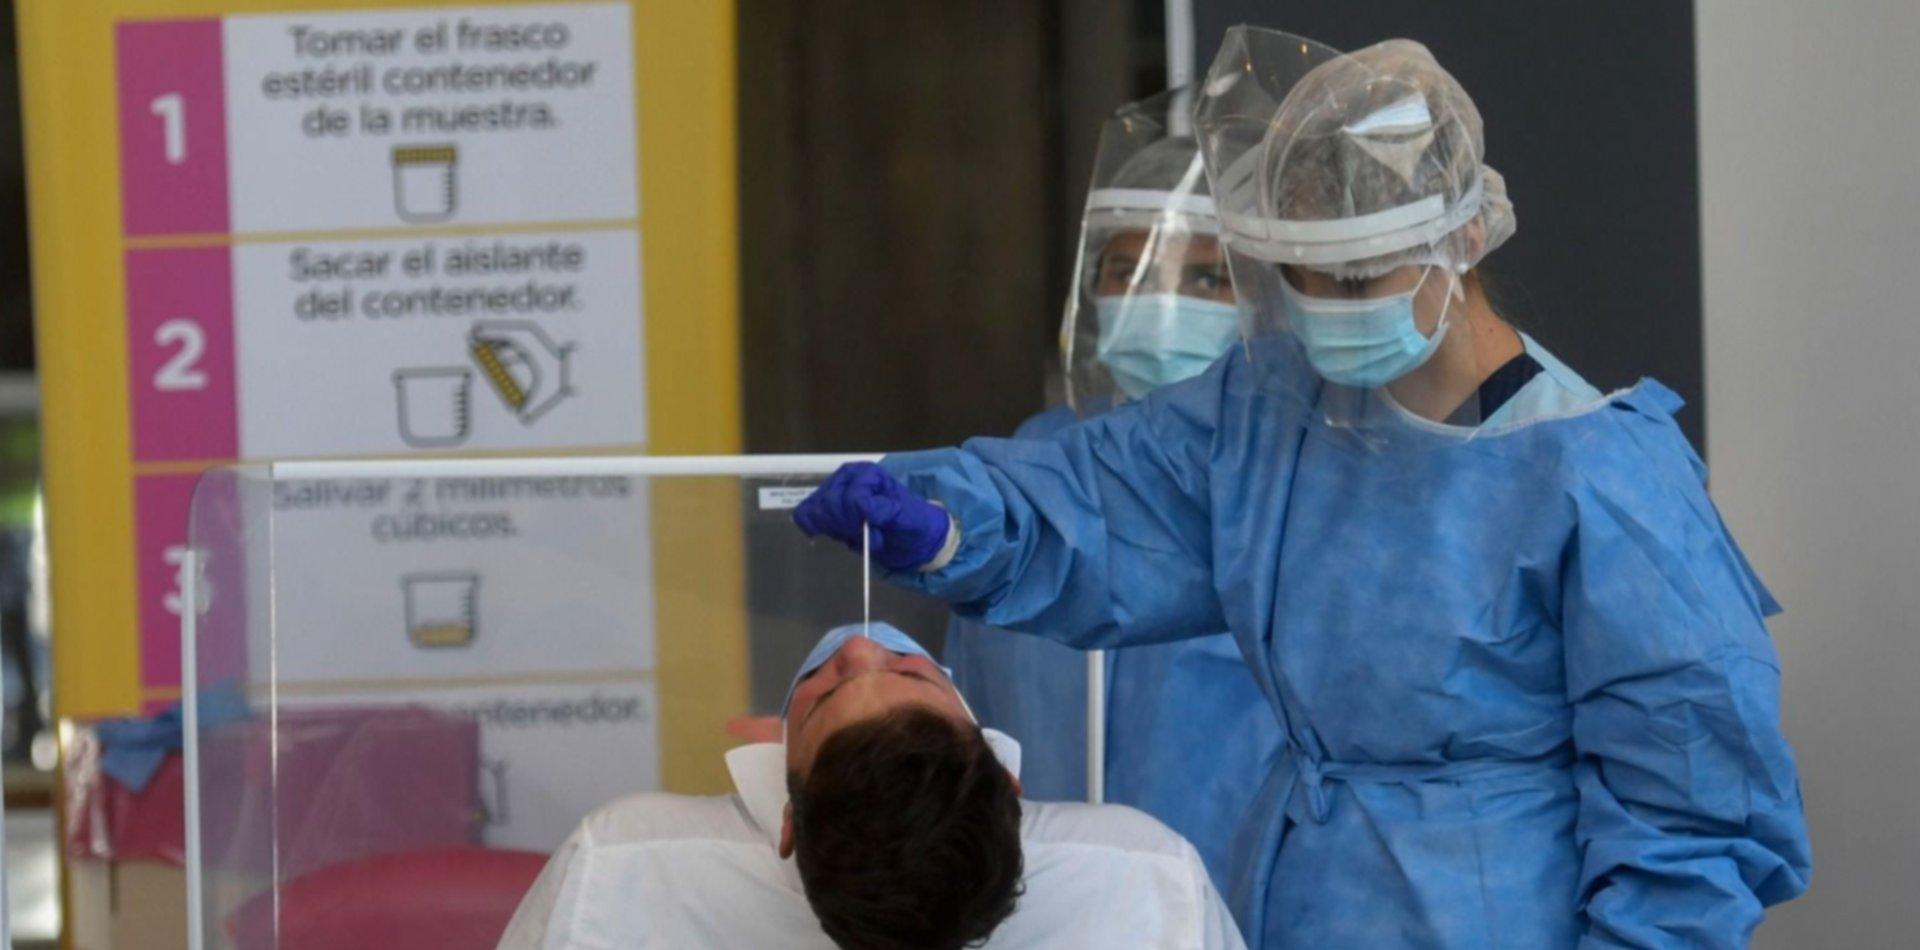 Récord de casos de COVID en Argentina: confirman 22.039 contagios en un solo día